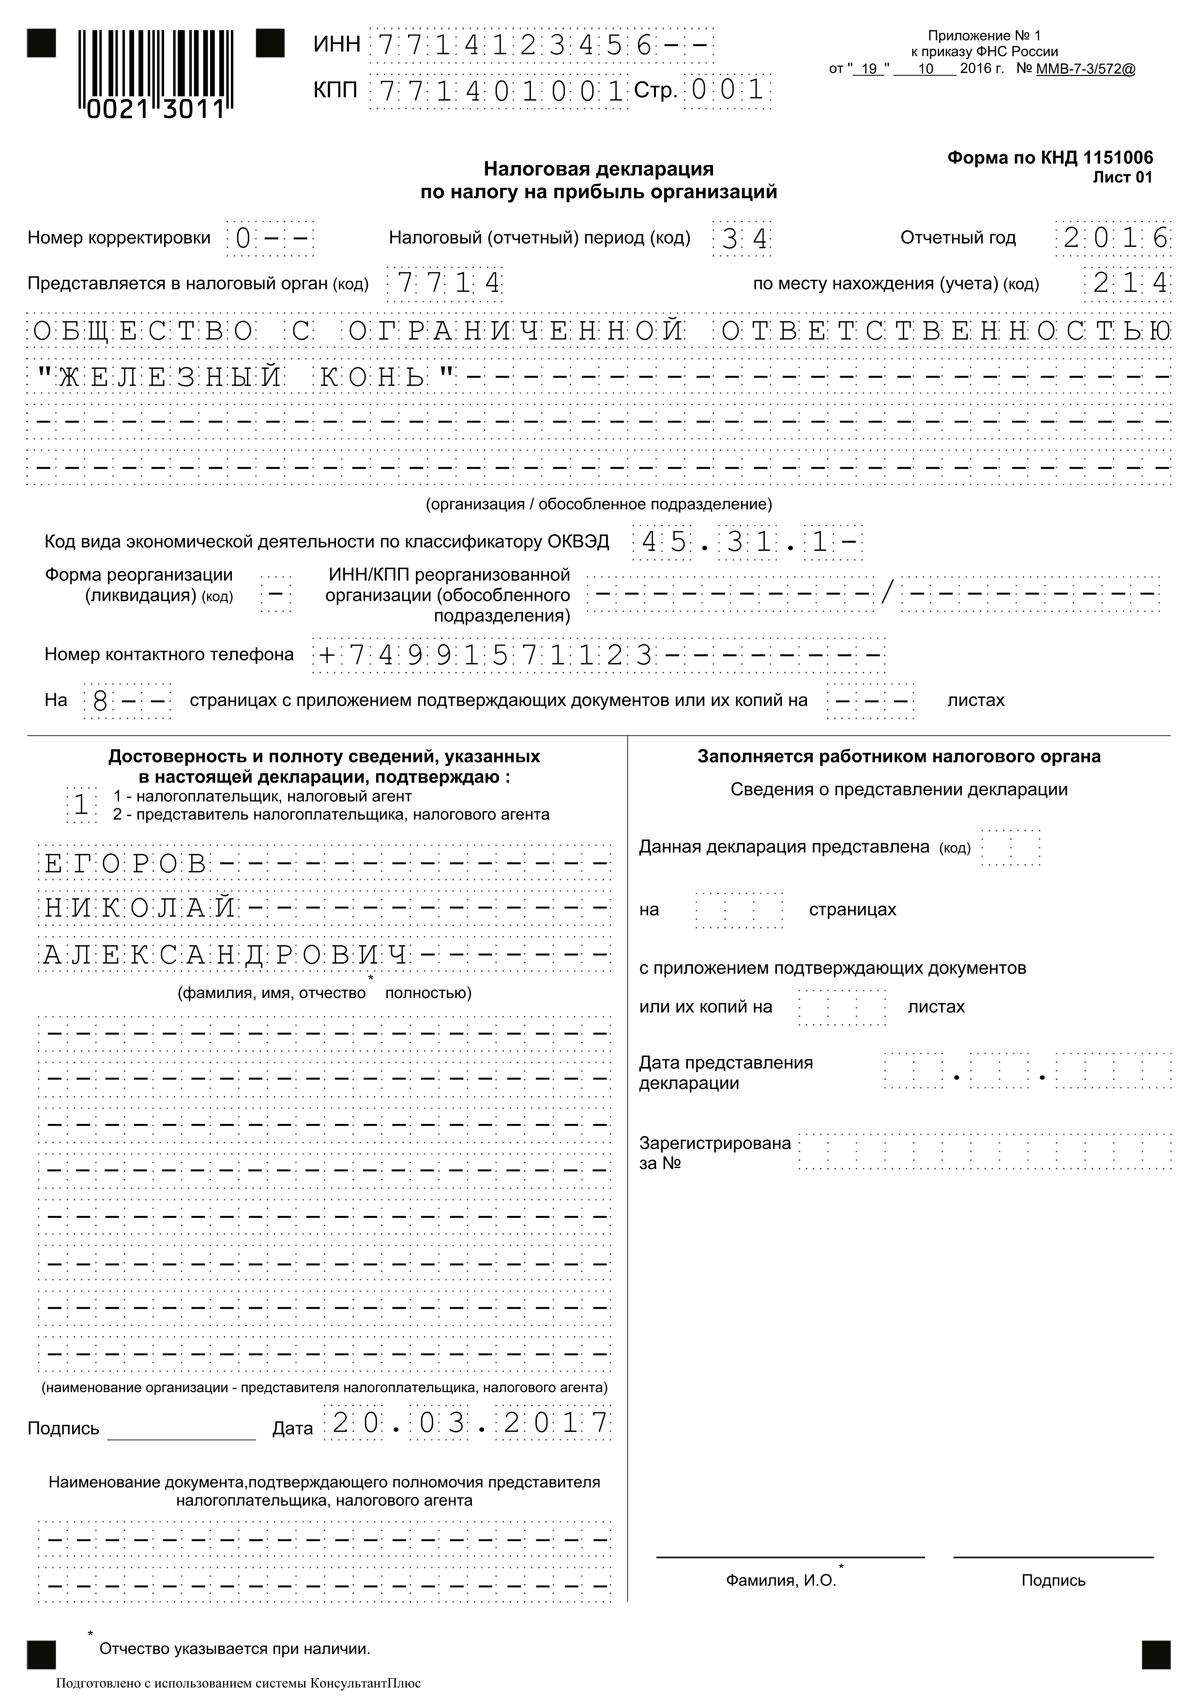 Декларация Налог на Прибыль Организации пример